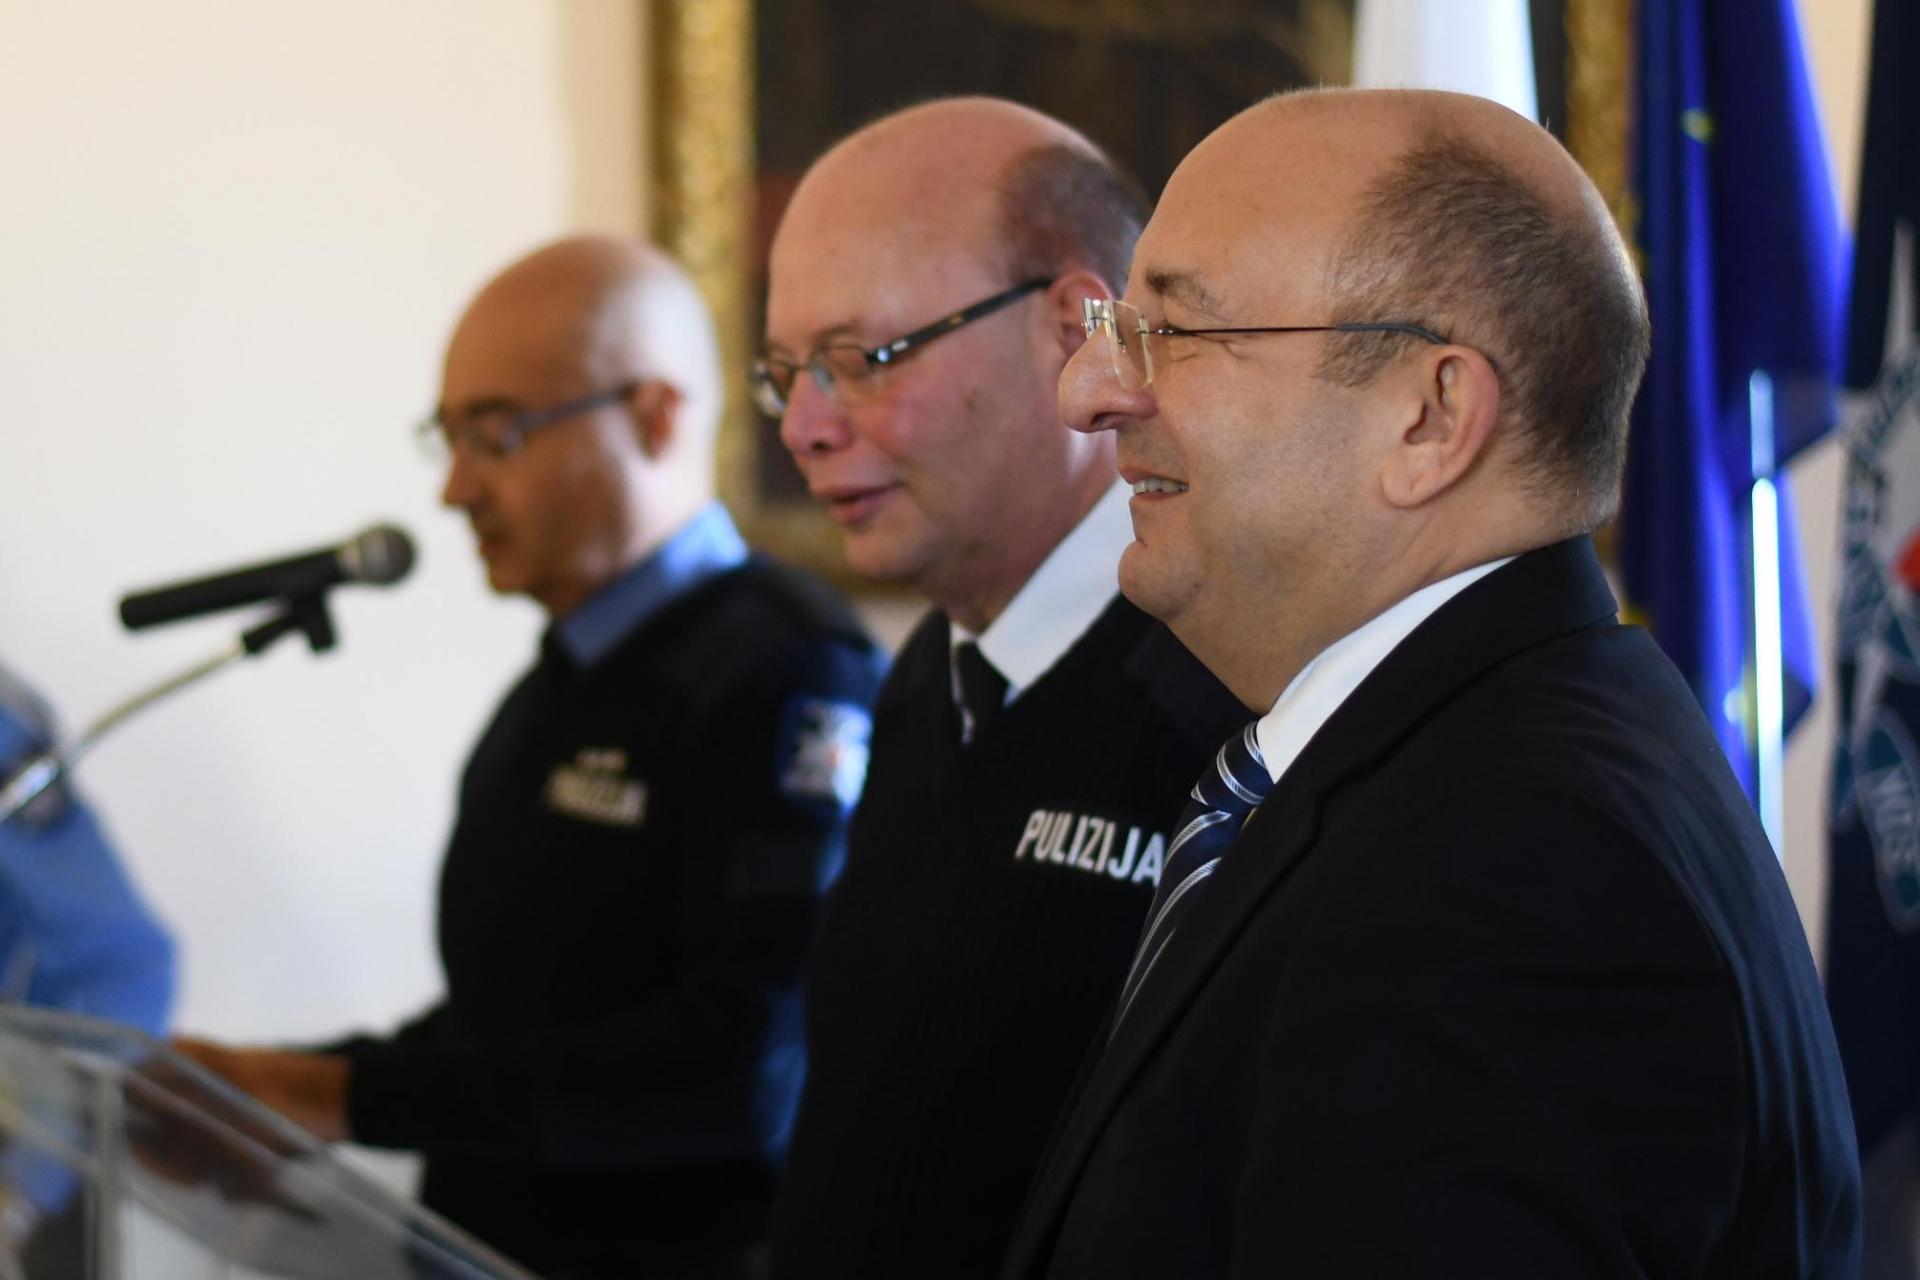 Michael Farrugia (right) with his police commissioner Lawrence Cutajar (centre) in December 2017. Photo: Mark Zammit Cordina